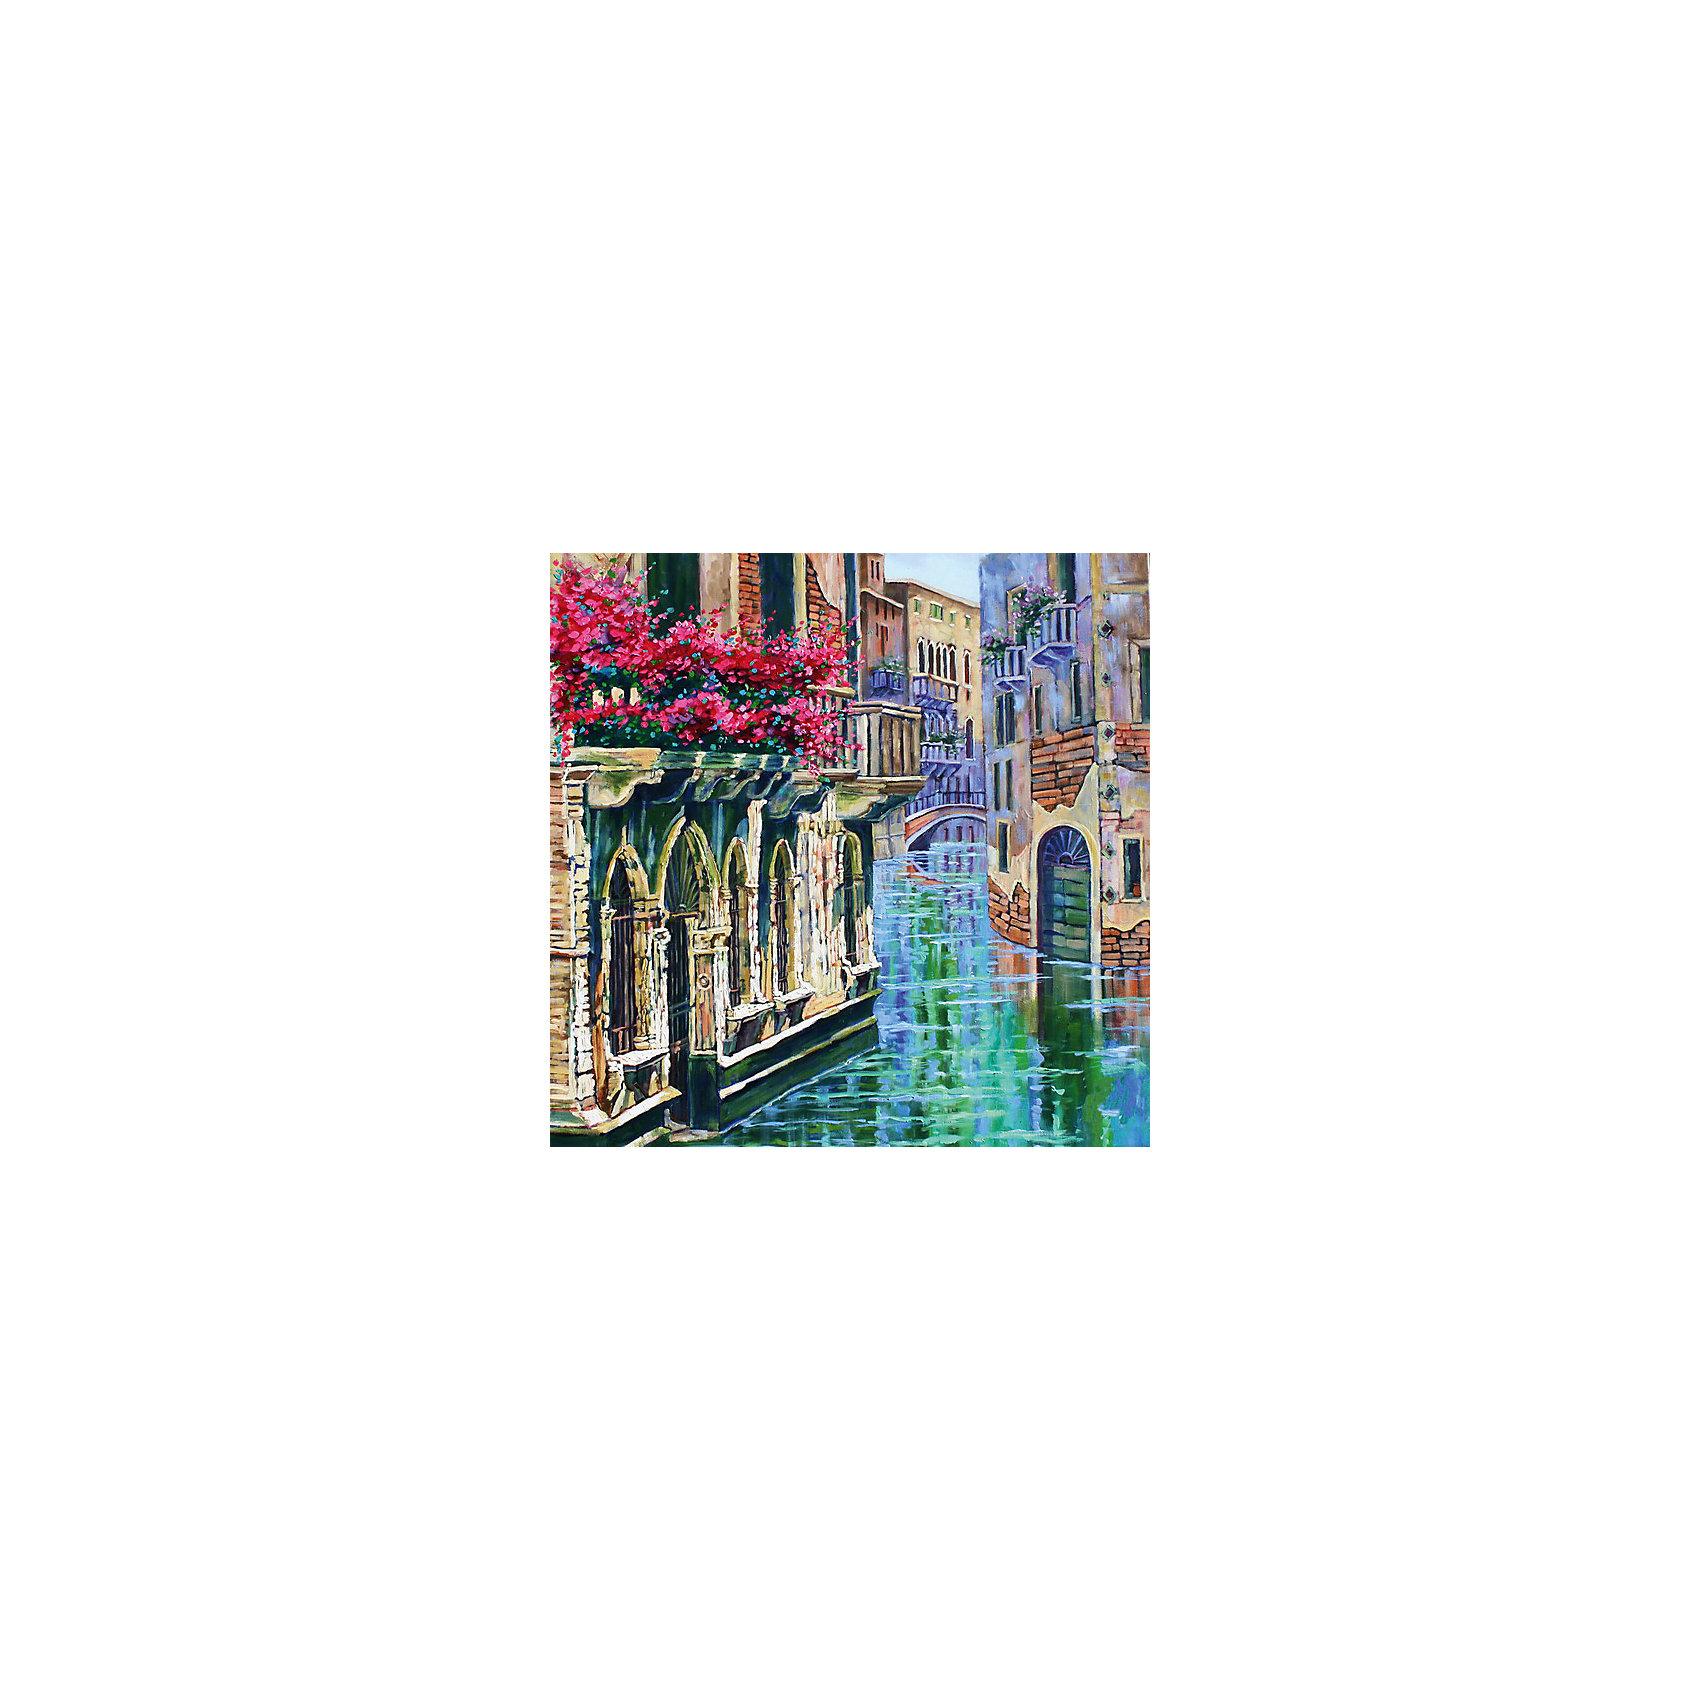 Картина - репродукция Гранд-канал, Феникс-ПрезентПредметы интерьера<br>Картина - репродукция Гранд-канал, Феникс-Презент <br><br>Характеристики:<br><br>• масляная печать на холсте<br>• дополнена ручной подрисовкой<br>• без рамки<br>• размер: 50х50х2,5 см<br><br>Картина - прекрасное дополнение к интерьеру дома. Она поднимет настроение и внесет гармонию в ваш дом. Масляная печать дополнена ручной подрисовкой масляными красками. На картине изображен фрагмент Венецианского Гранд канала. Размер картины - 50х50 сантиметров.<br><br>Картина - репродукция Гранд-канал, Феникс-Презент можно купить в нашем интернет-магазине.<br><br>Ширина мм: 500<br>Глубина мм: 500<br>Высота мм: 250<br>Вес г: 355<br>Возраст от месяцев: -2147483648<br>Возраст до месяцев: 2147483647<br>Пол: Унисекс<br>Возраст: Детский<br>SKU: 5449545